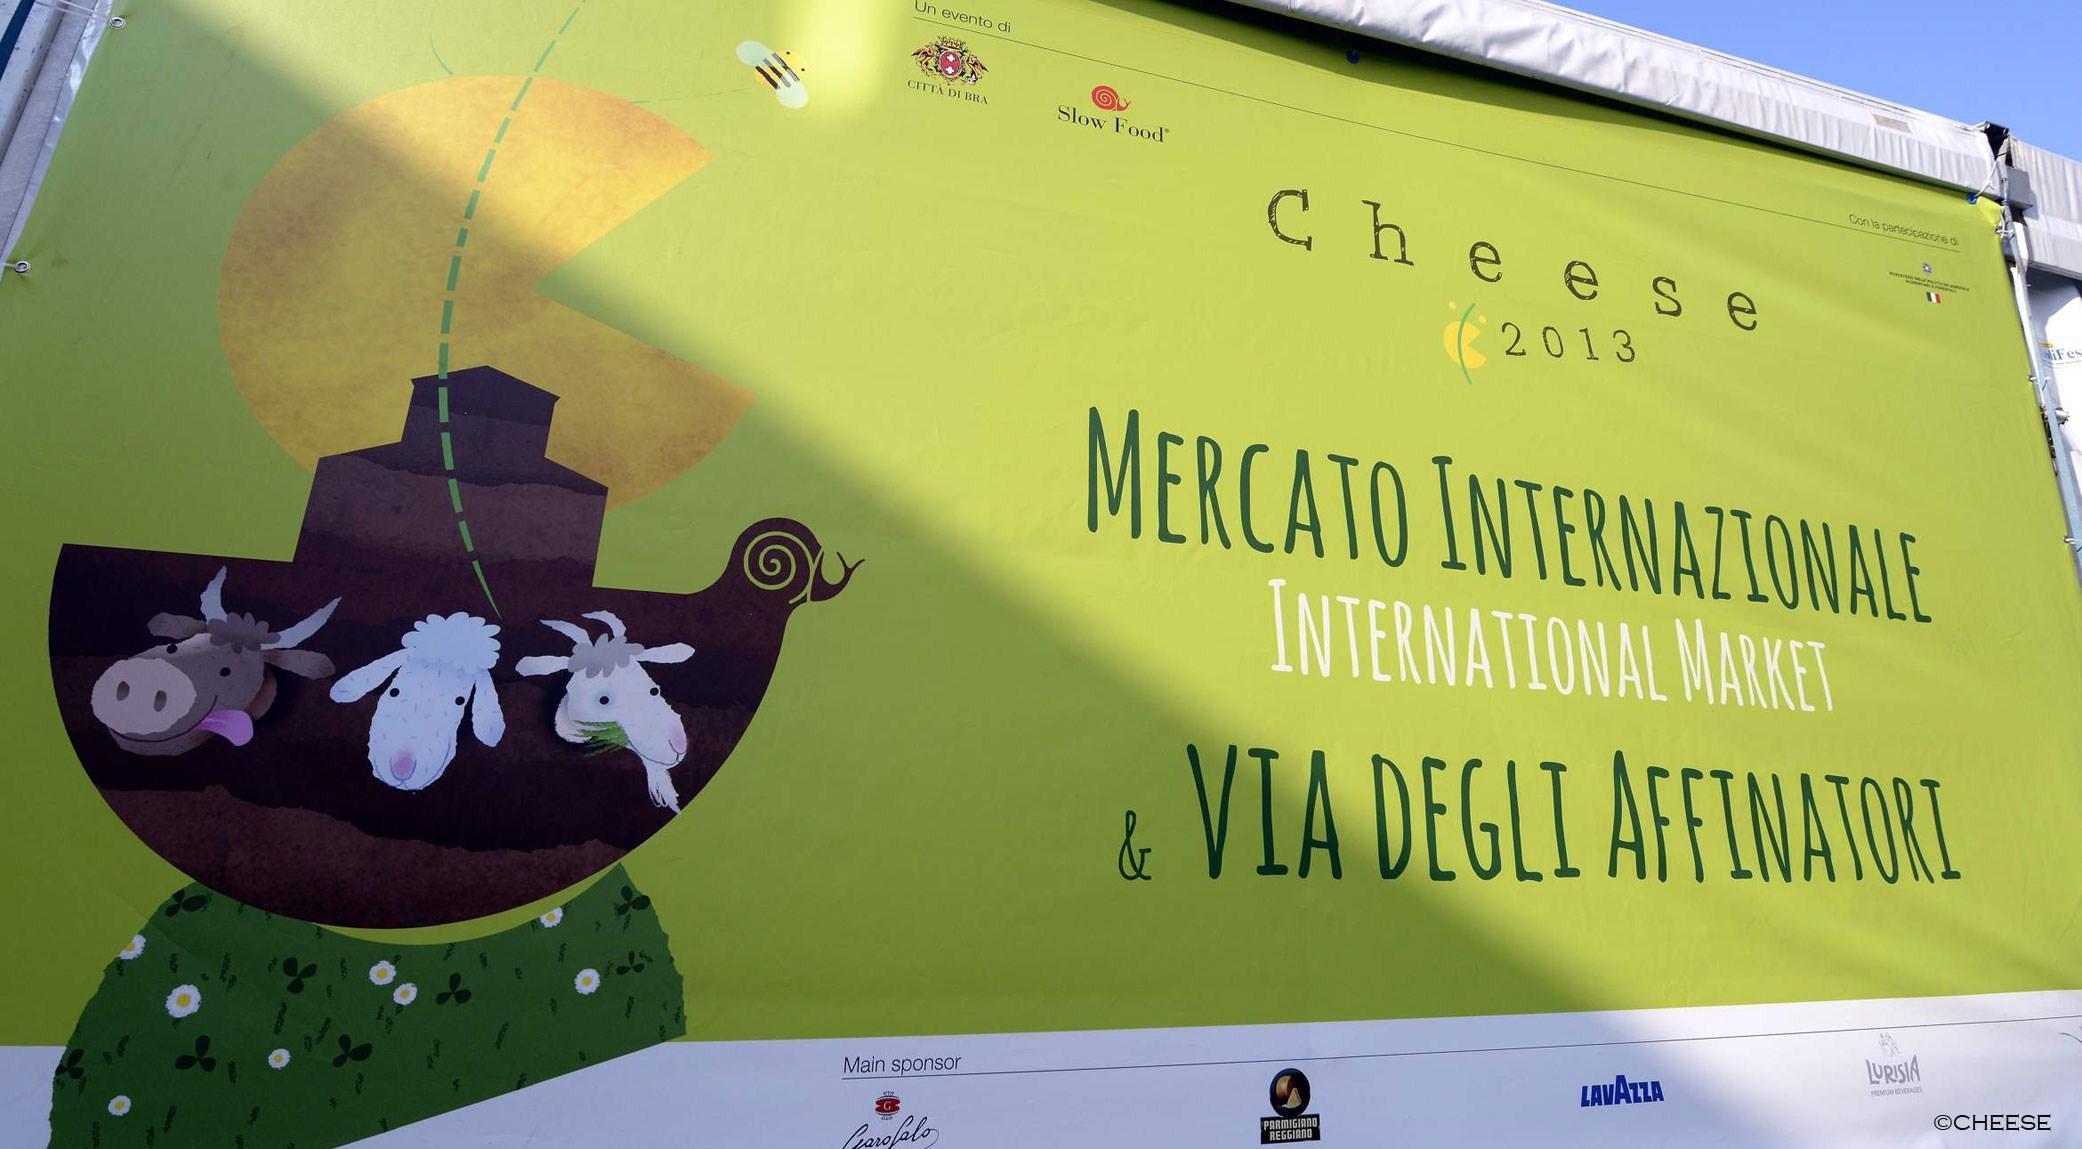 cheese-2013-mercato